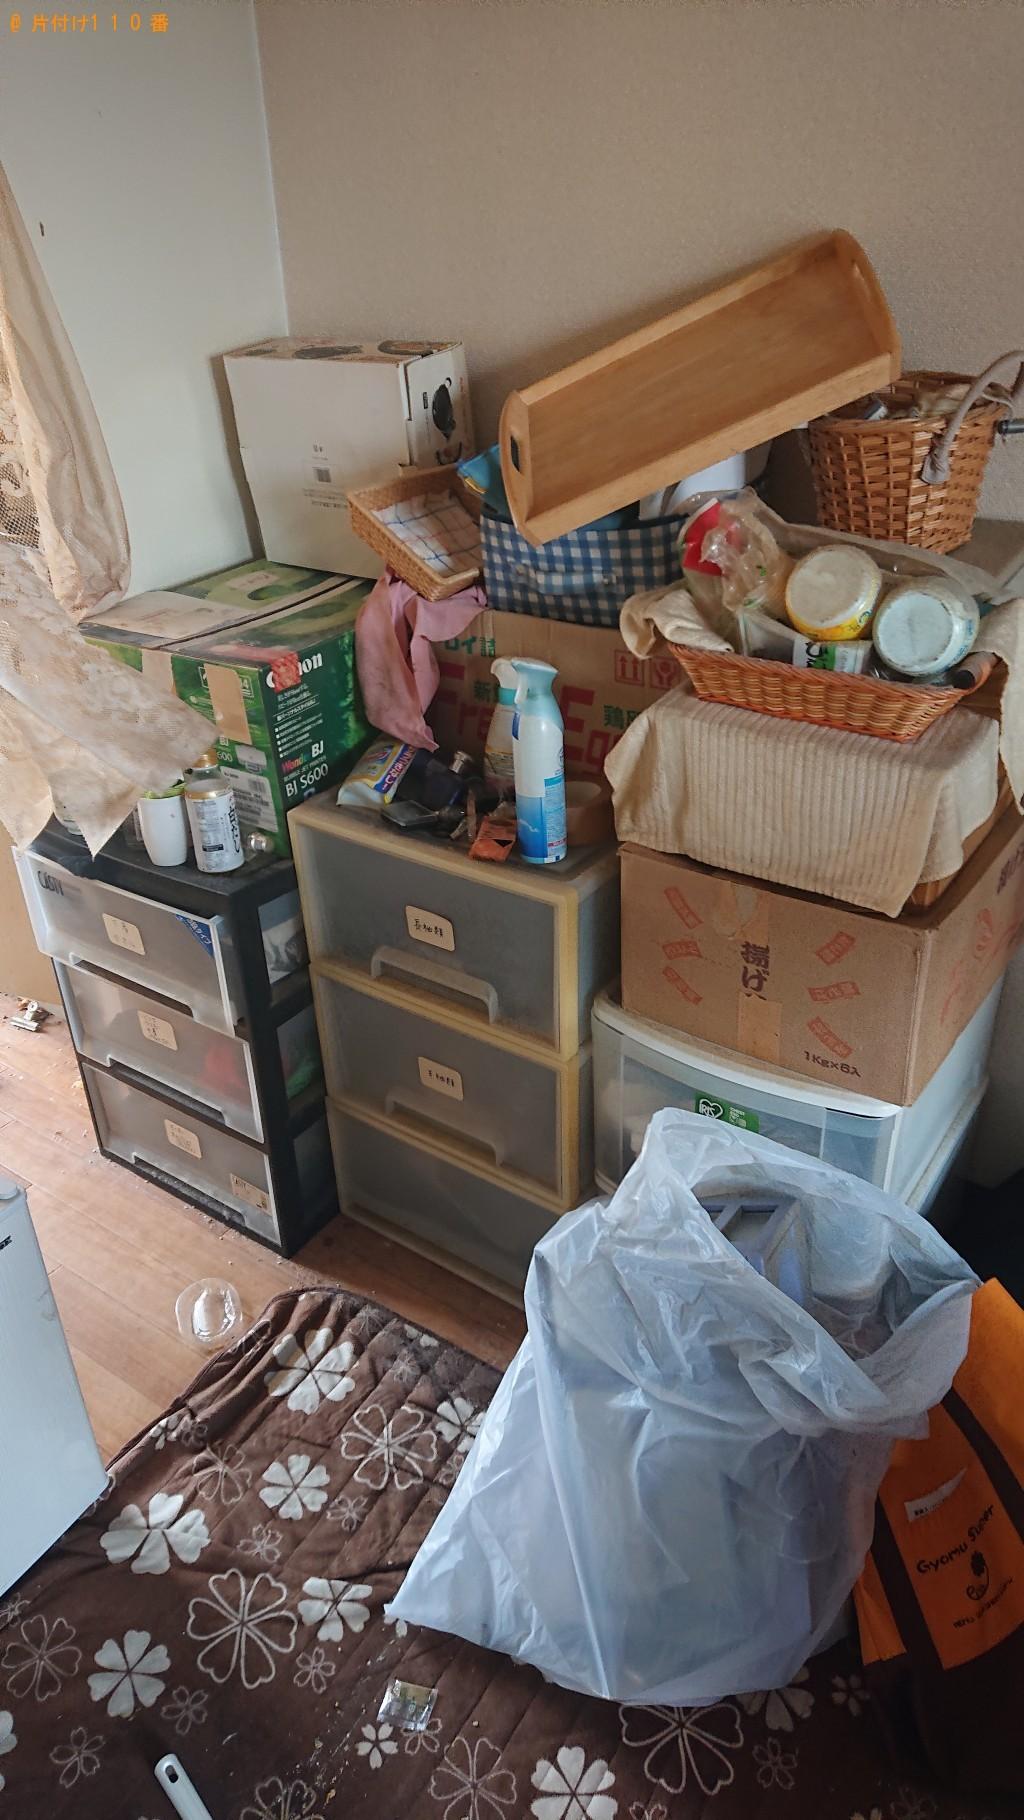 【堺市堺区】フライパン、鍋、布団、衣類、衣装ケース等の回収・処分